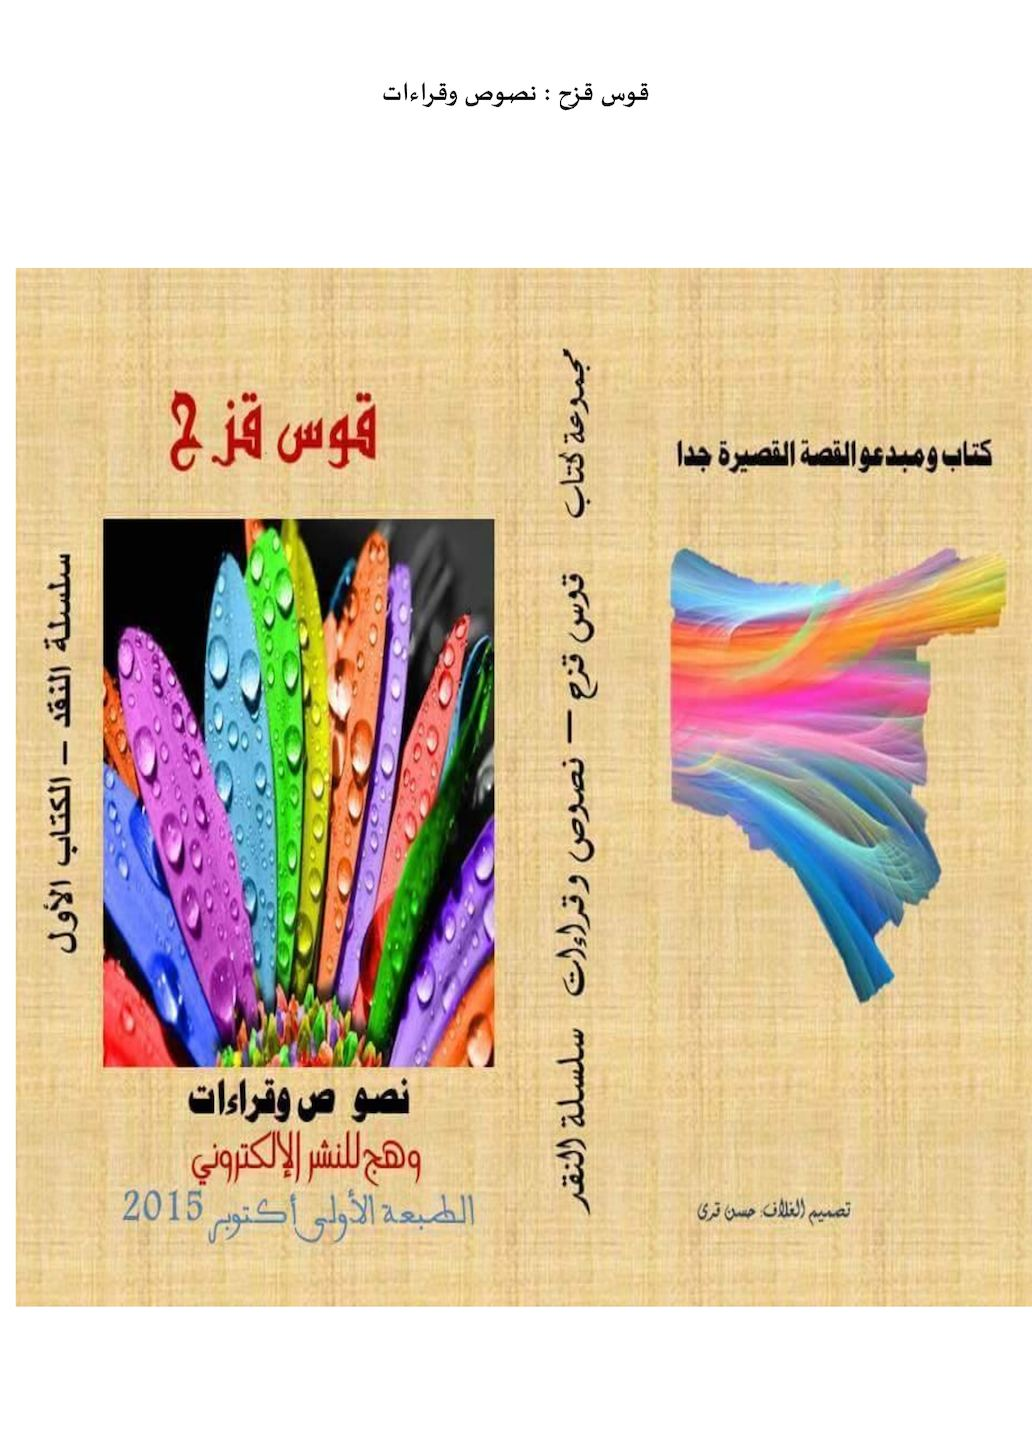 1de7b9737 Calaméo - قوس قزح، الكتاب النقدي الأول صادر عن مجموعة كتاب ومبدعو القصة  القصيرة جدا